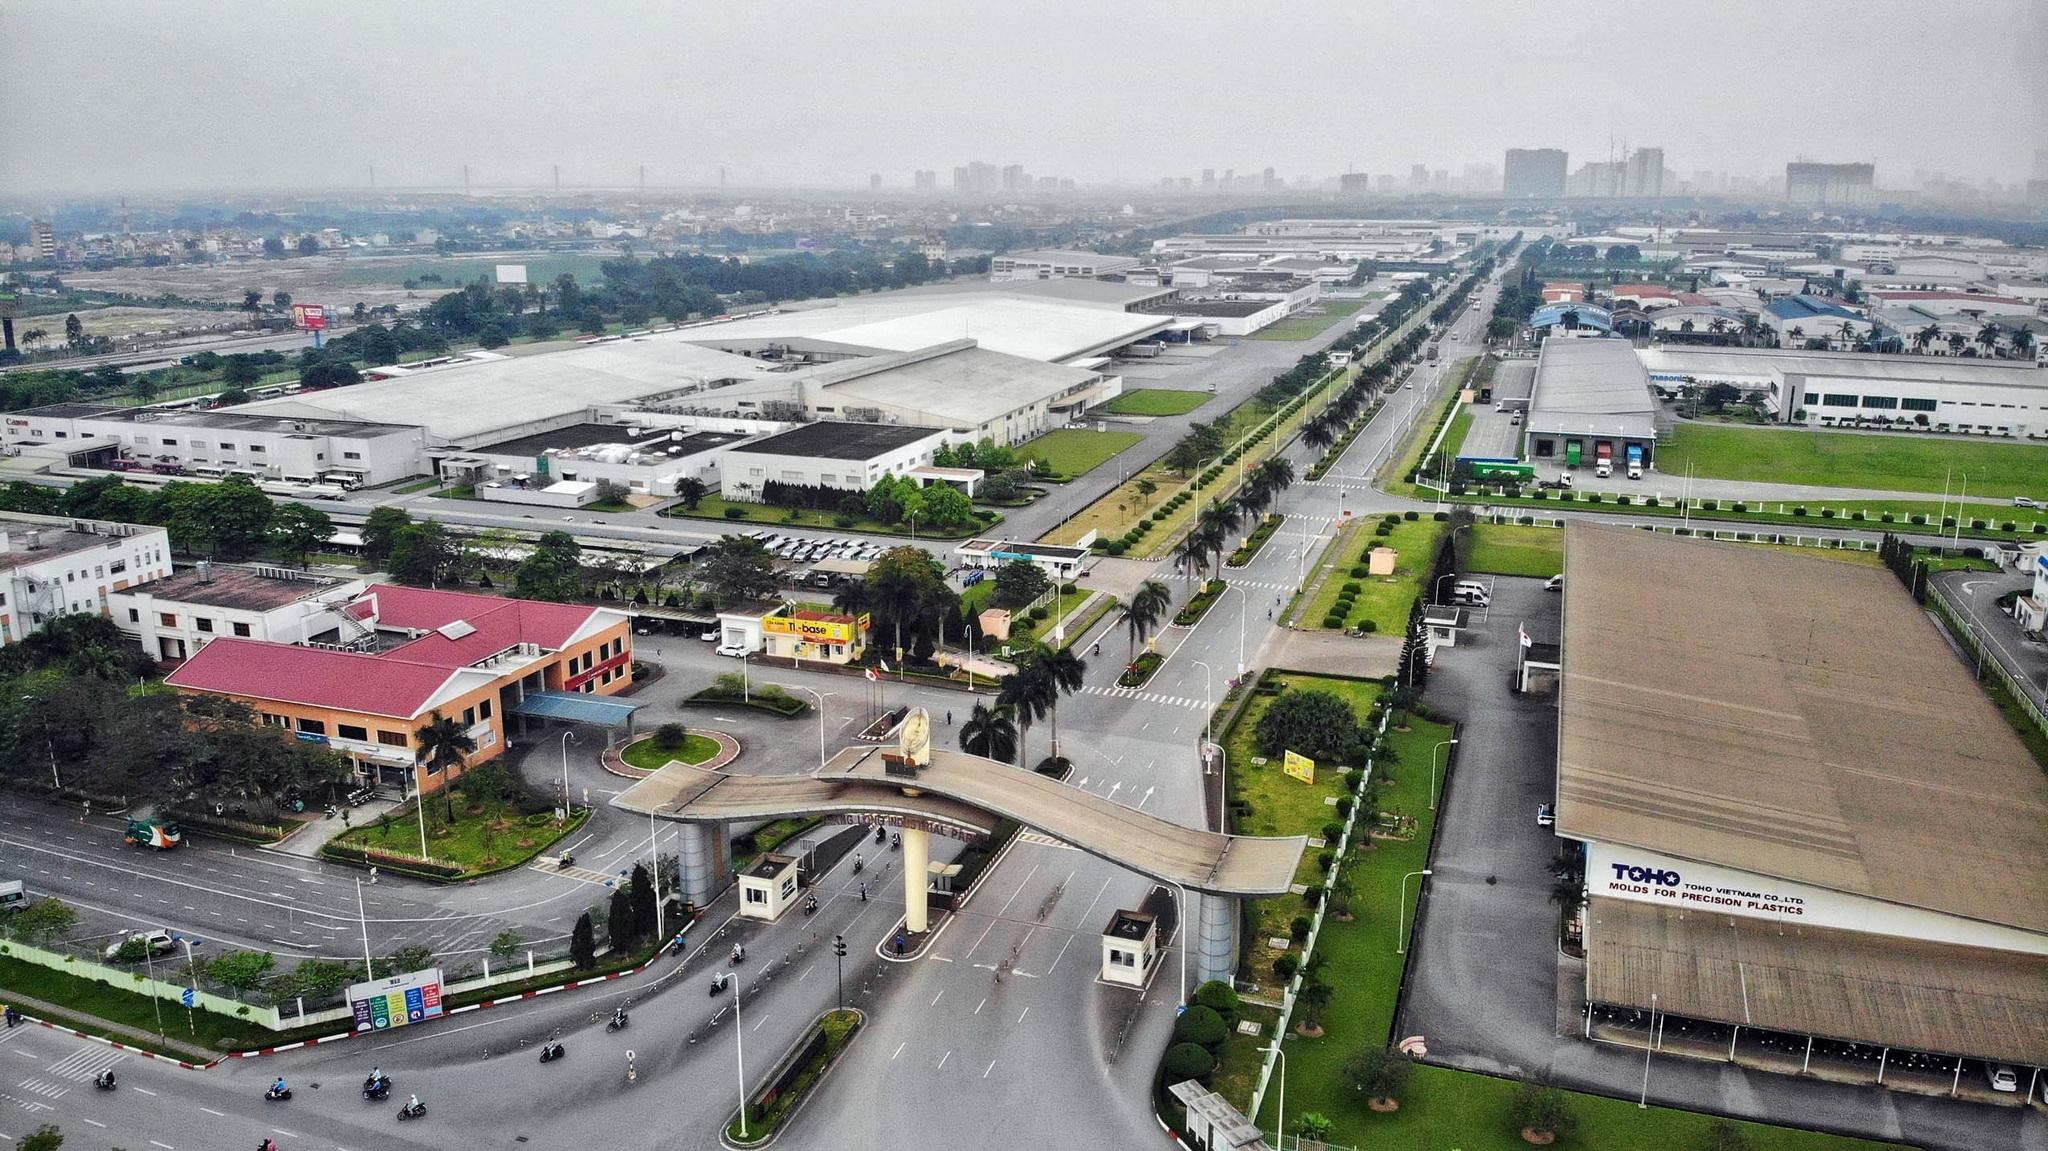 Toàn cảnh Khu công nghiệp Thăng Long Hà Nội. (Ảnh: Danh Lam/TTXVN)